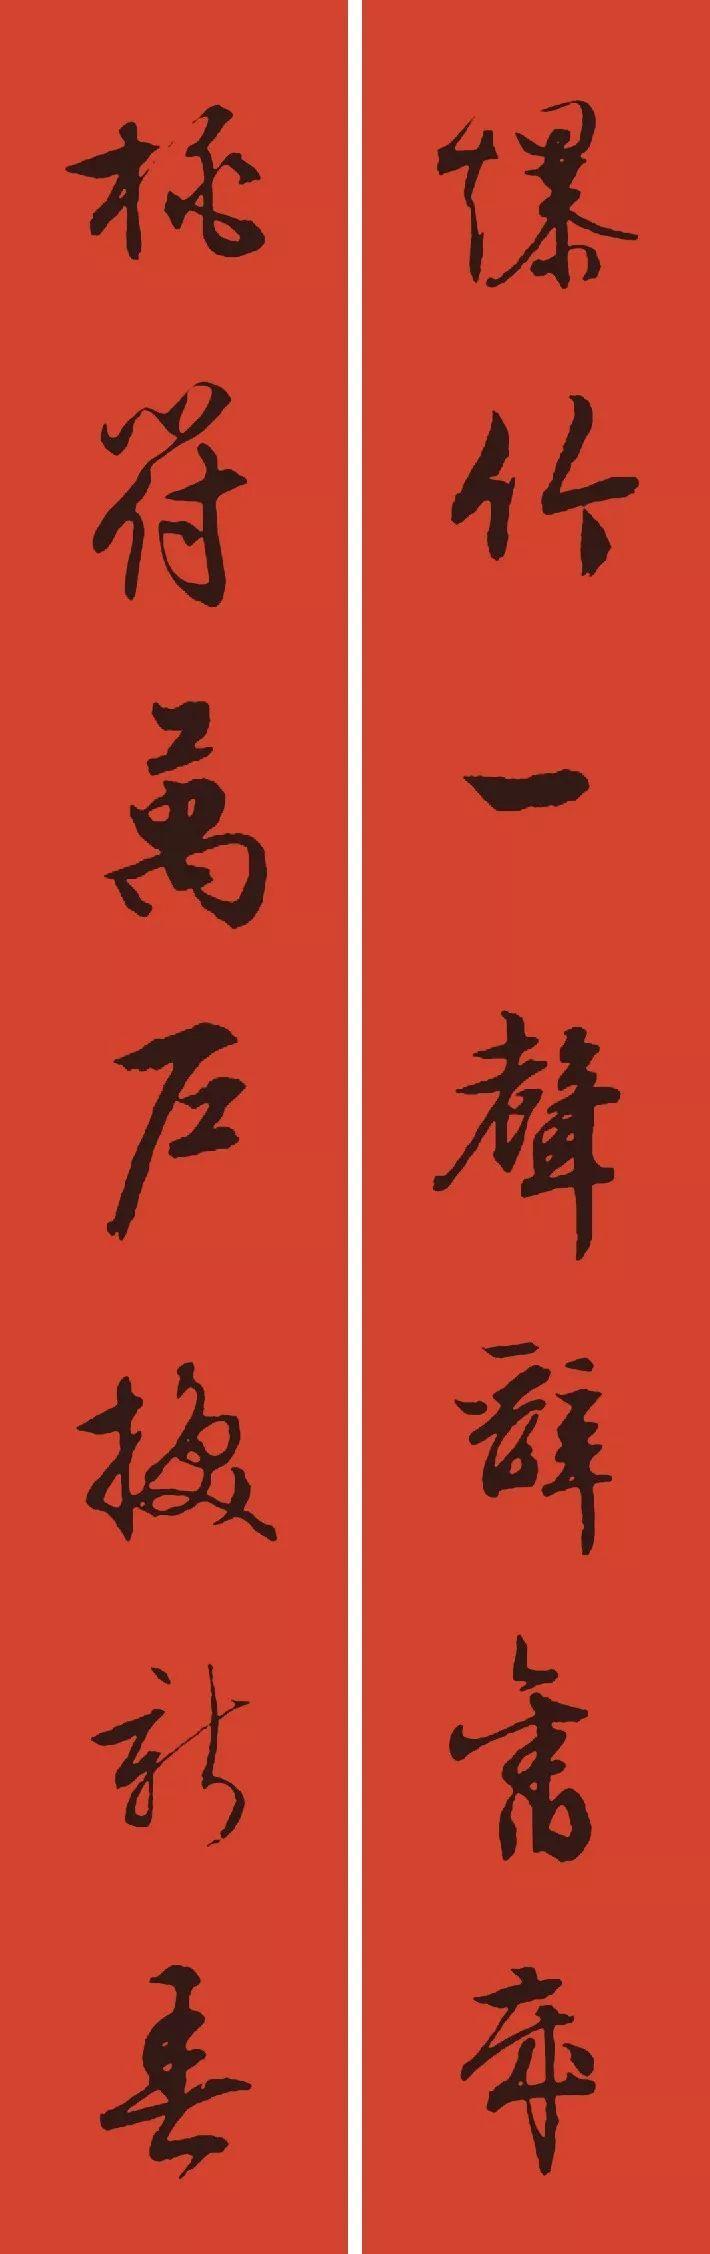 书法欣赏辛丑【牛年】春联:楷、行、草8种风格